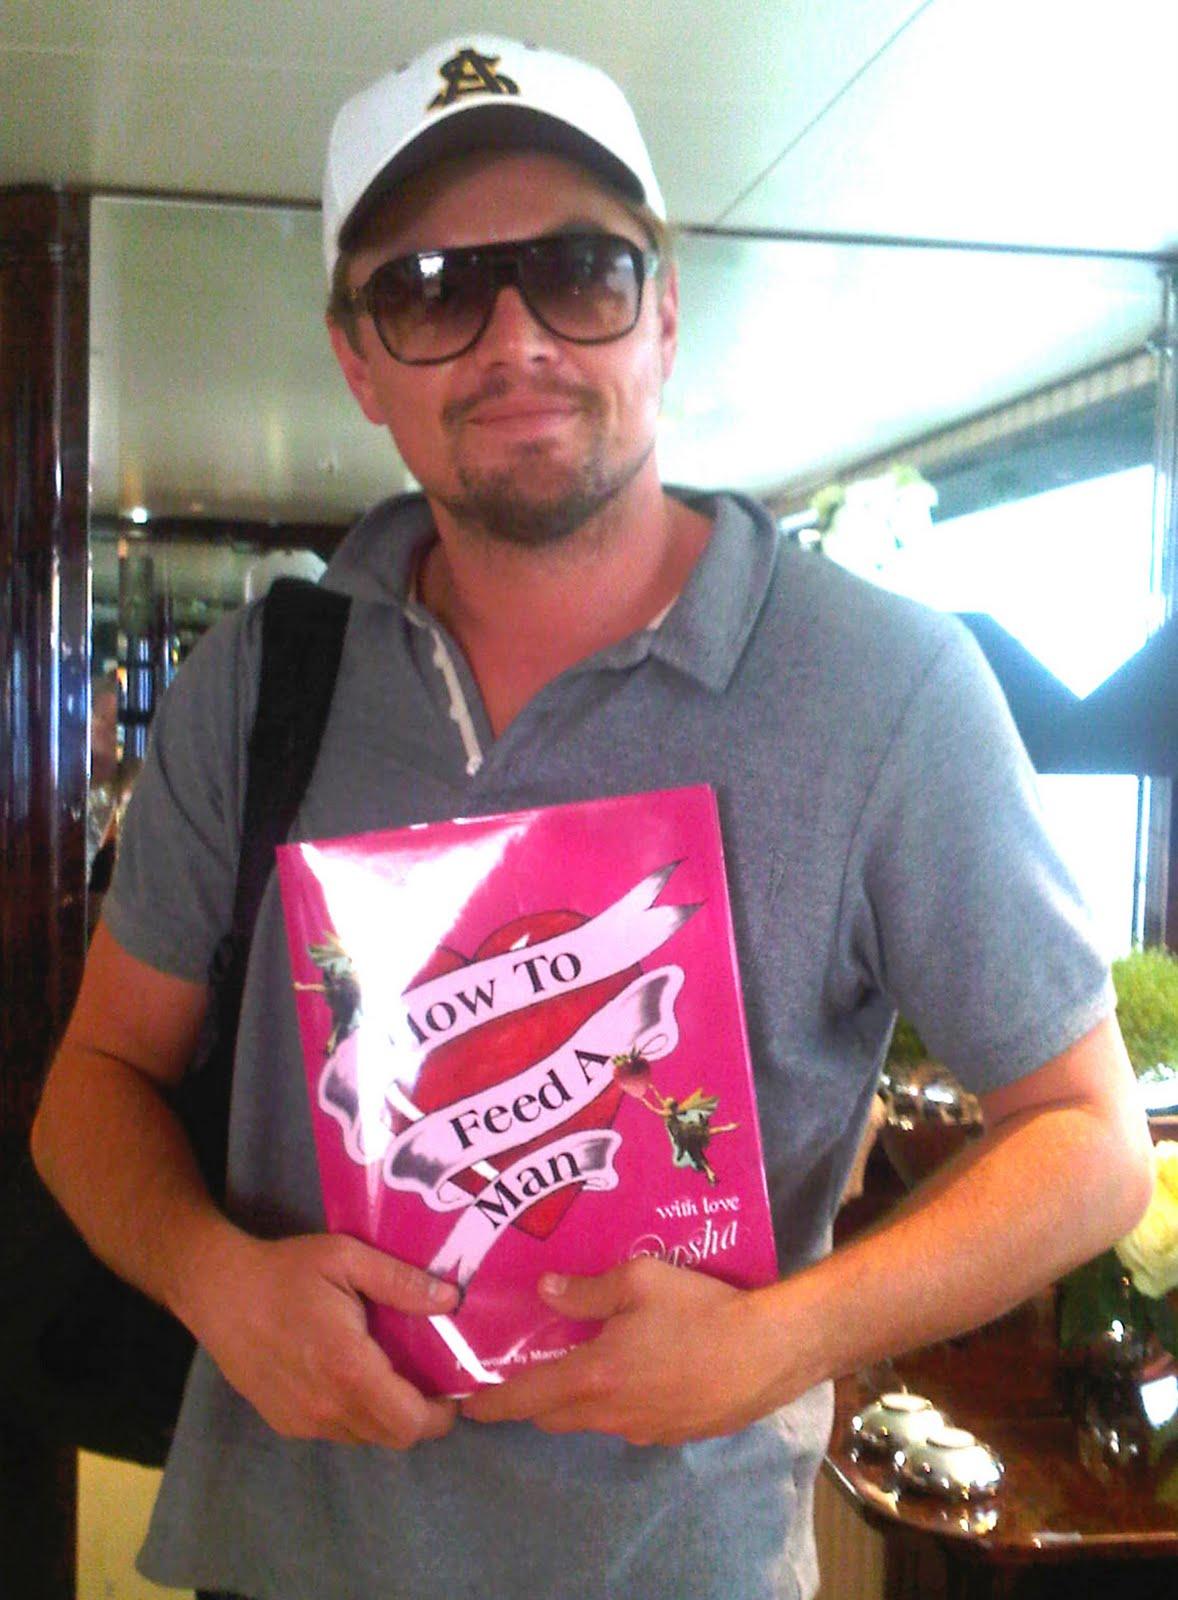 http://1.bp.blogspot.com/-LPS0iLgJb8k/TlUMOA4jVlI/AAAAAAAAA48/zssCCQlJlFI/s1600/Leonardo_DiCaprio_hi+copy.jpg